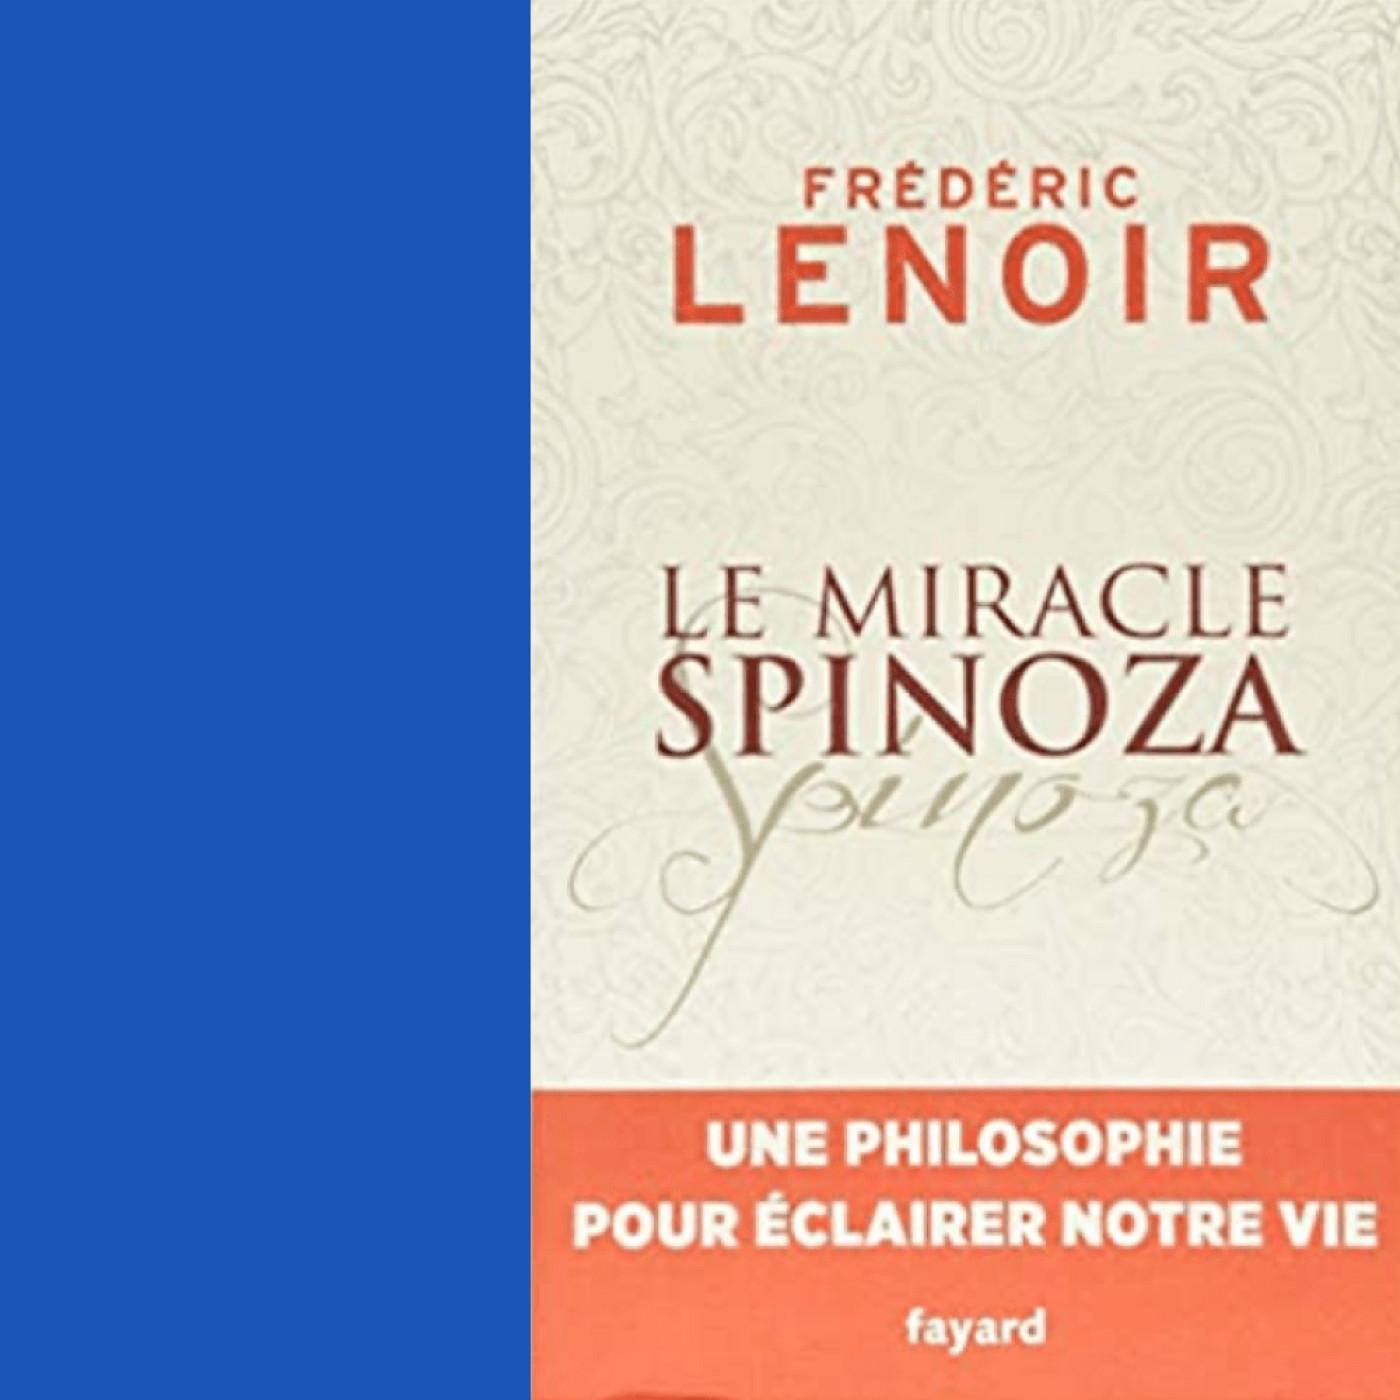 Le miracle Spinoza : Une philosophie pour éclairer notre vie (extrait du livre de Frédéric Lenoir)